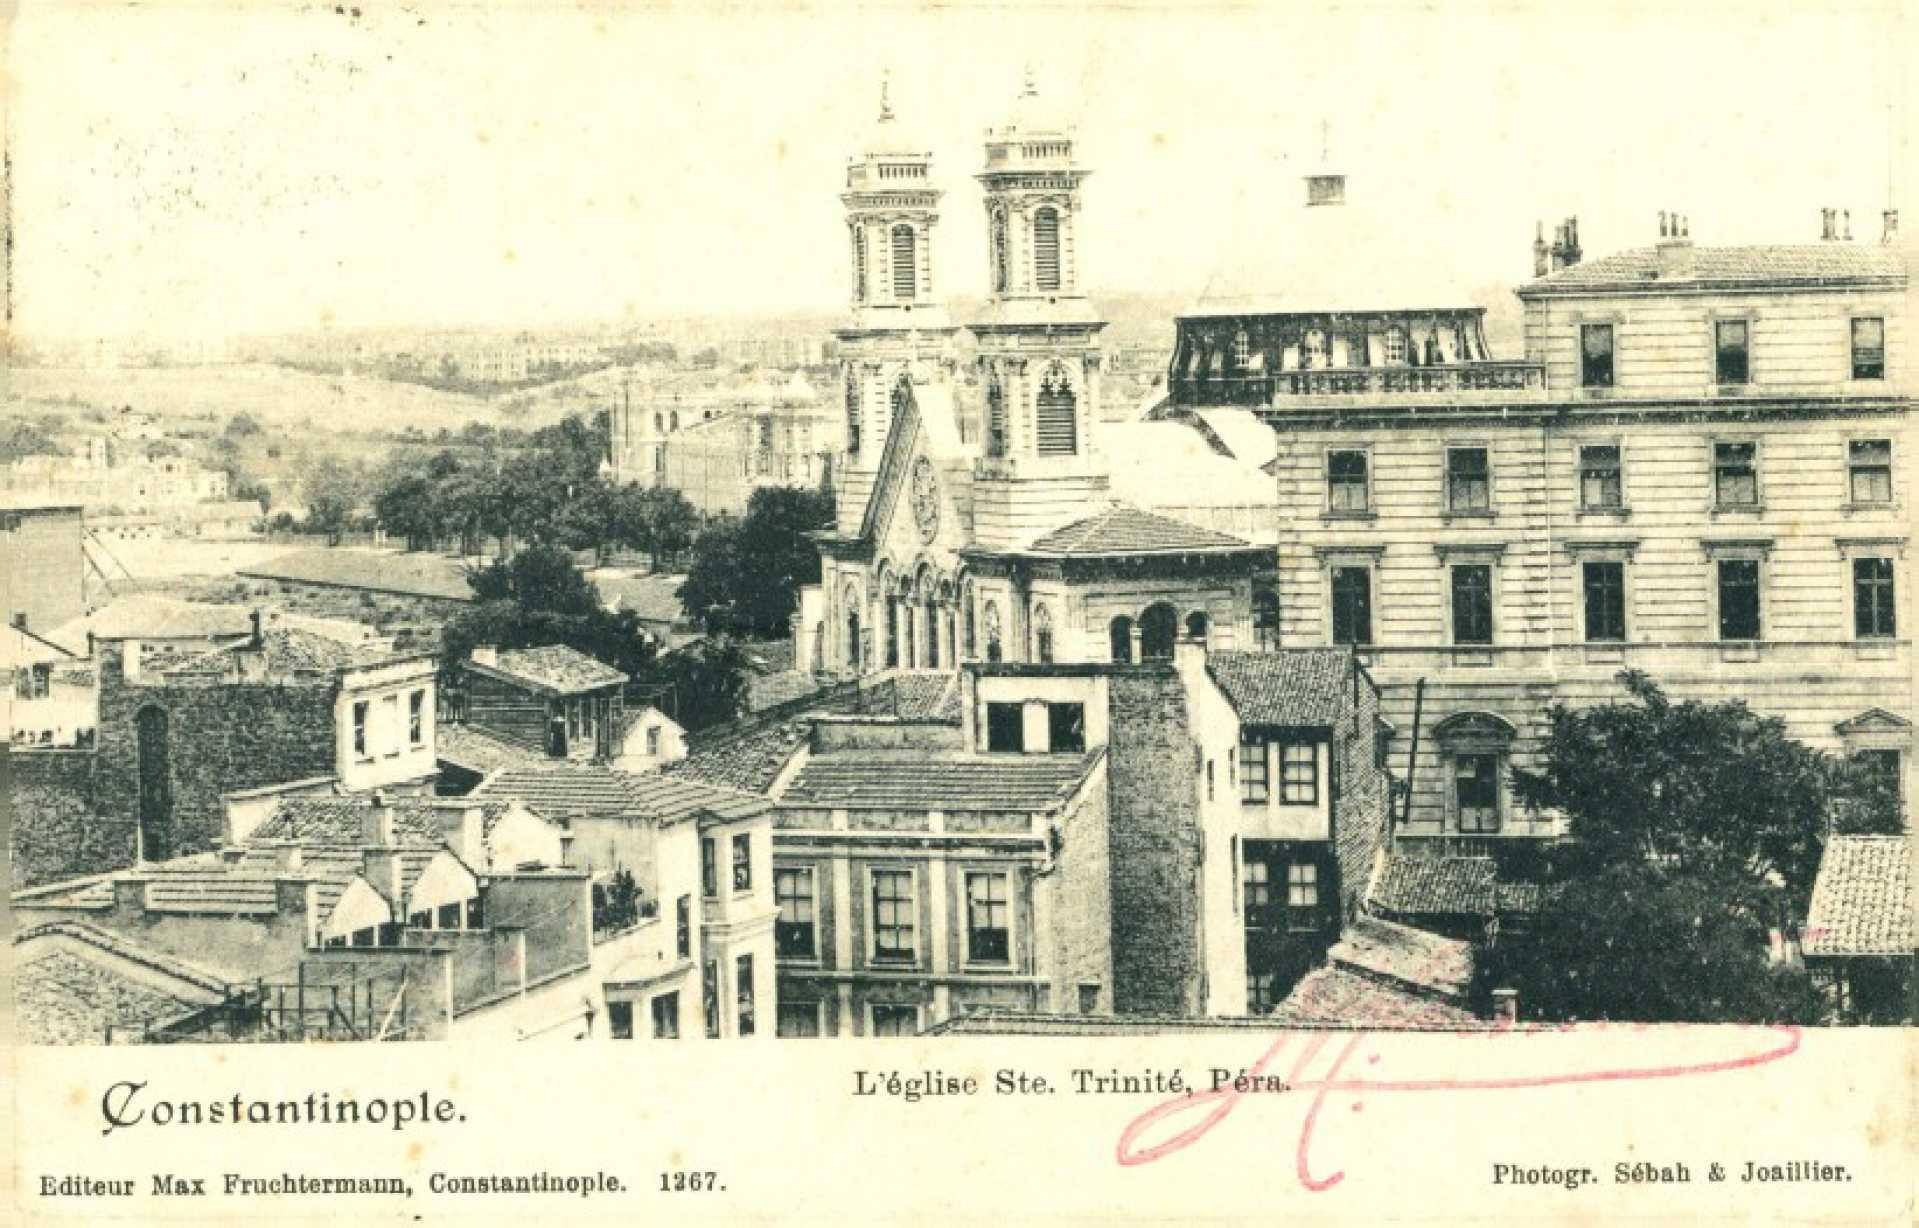 L'eglise Ste. Trinite. Pera. Constantinople